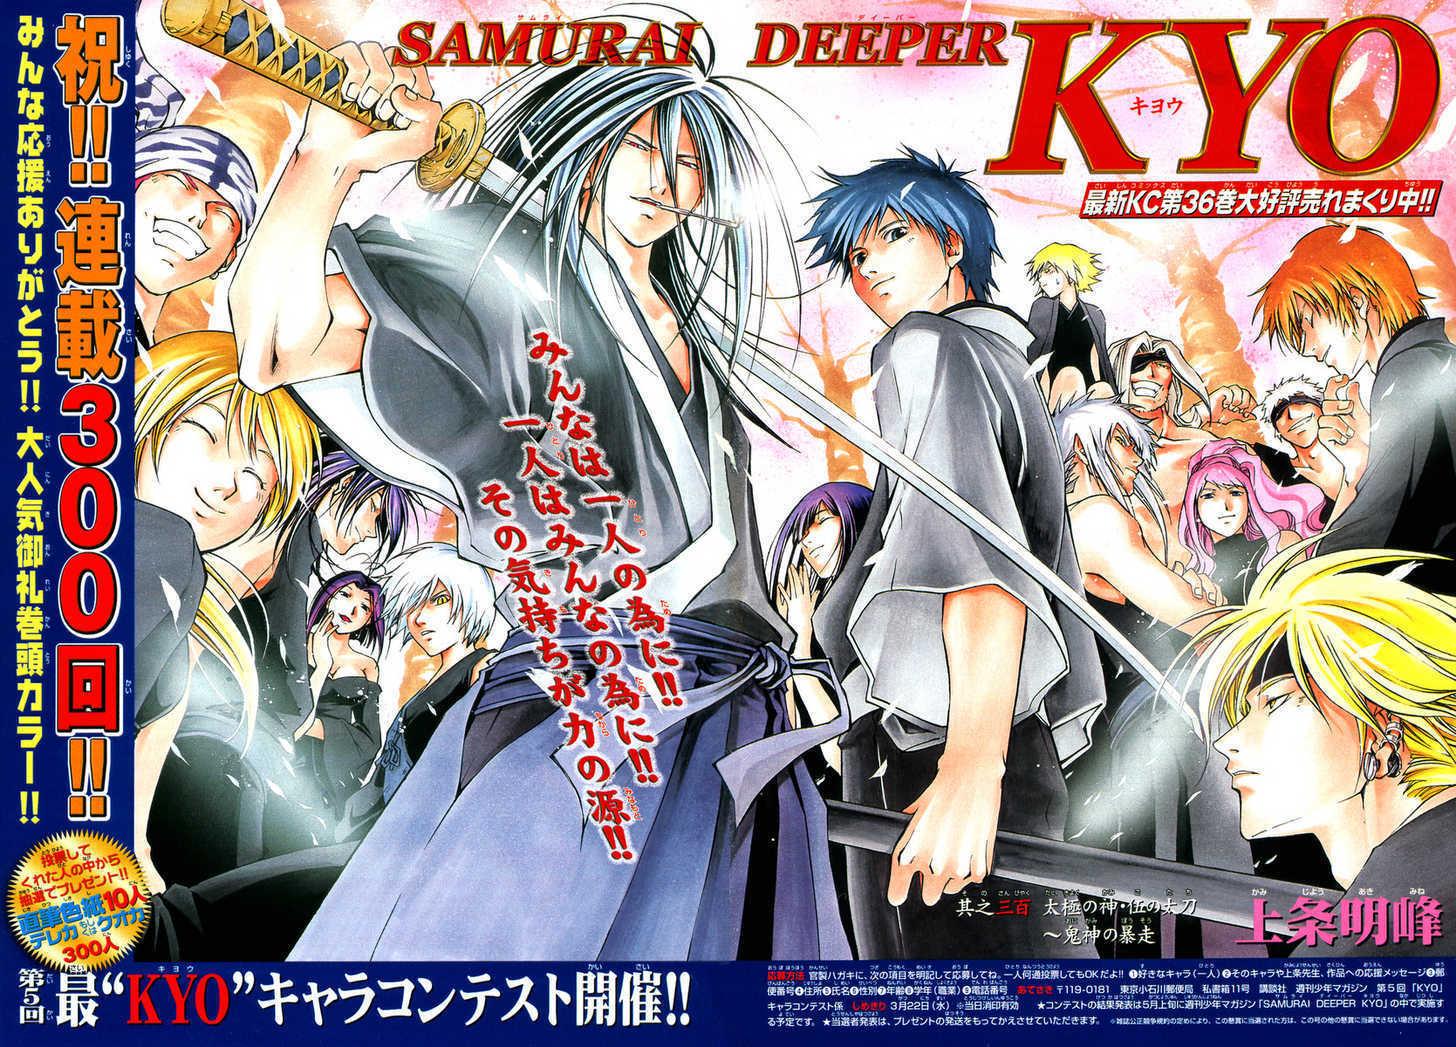 Samurai Deeper Kyo 300 Page 2